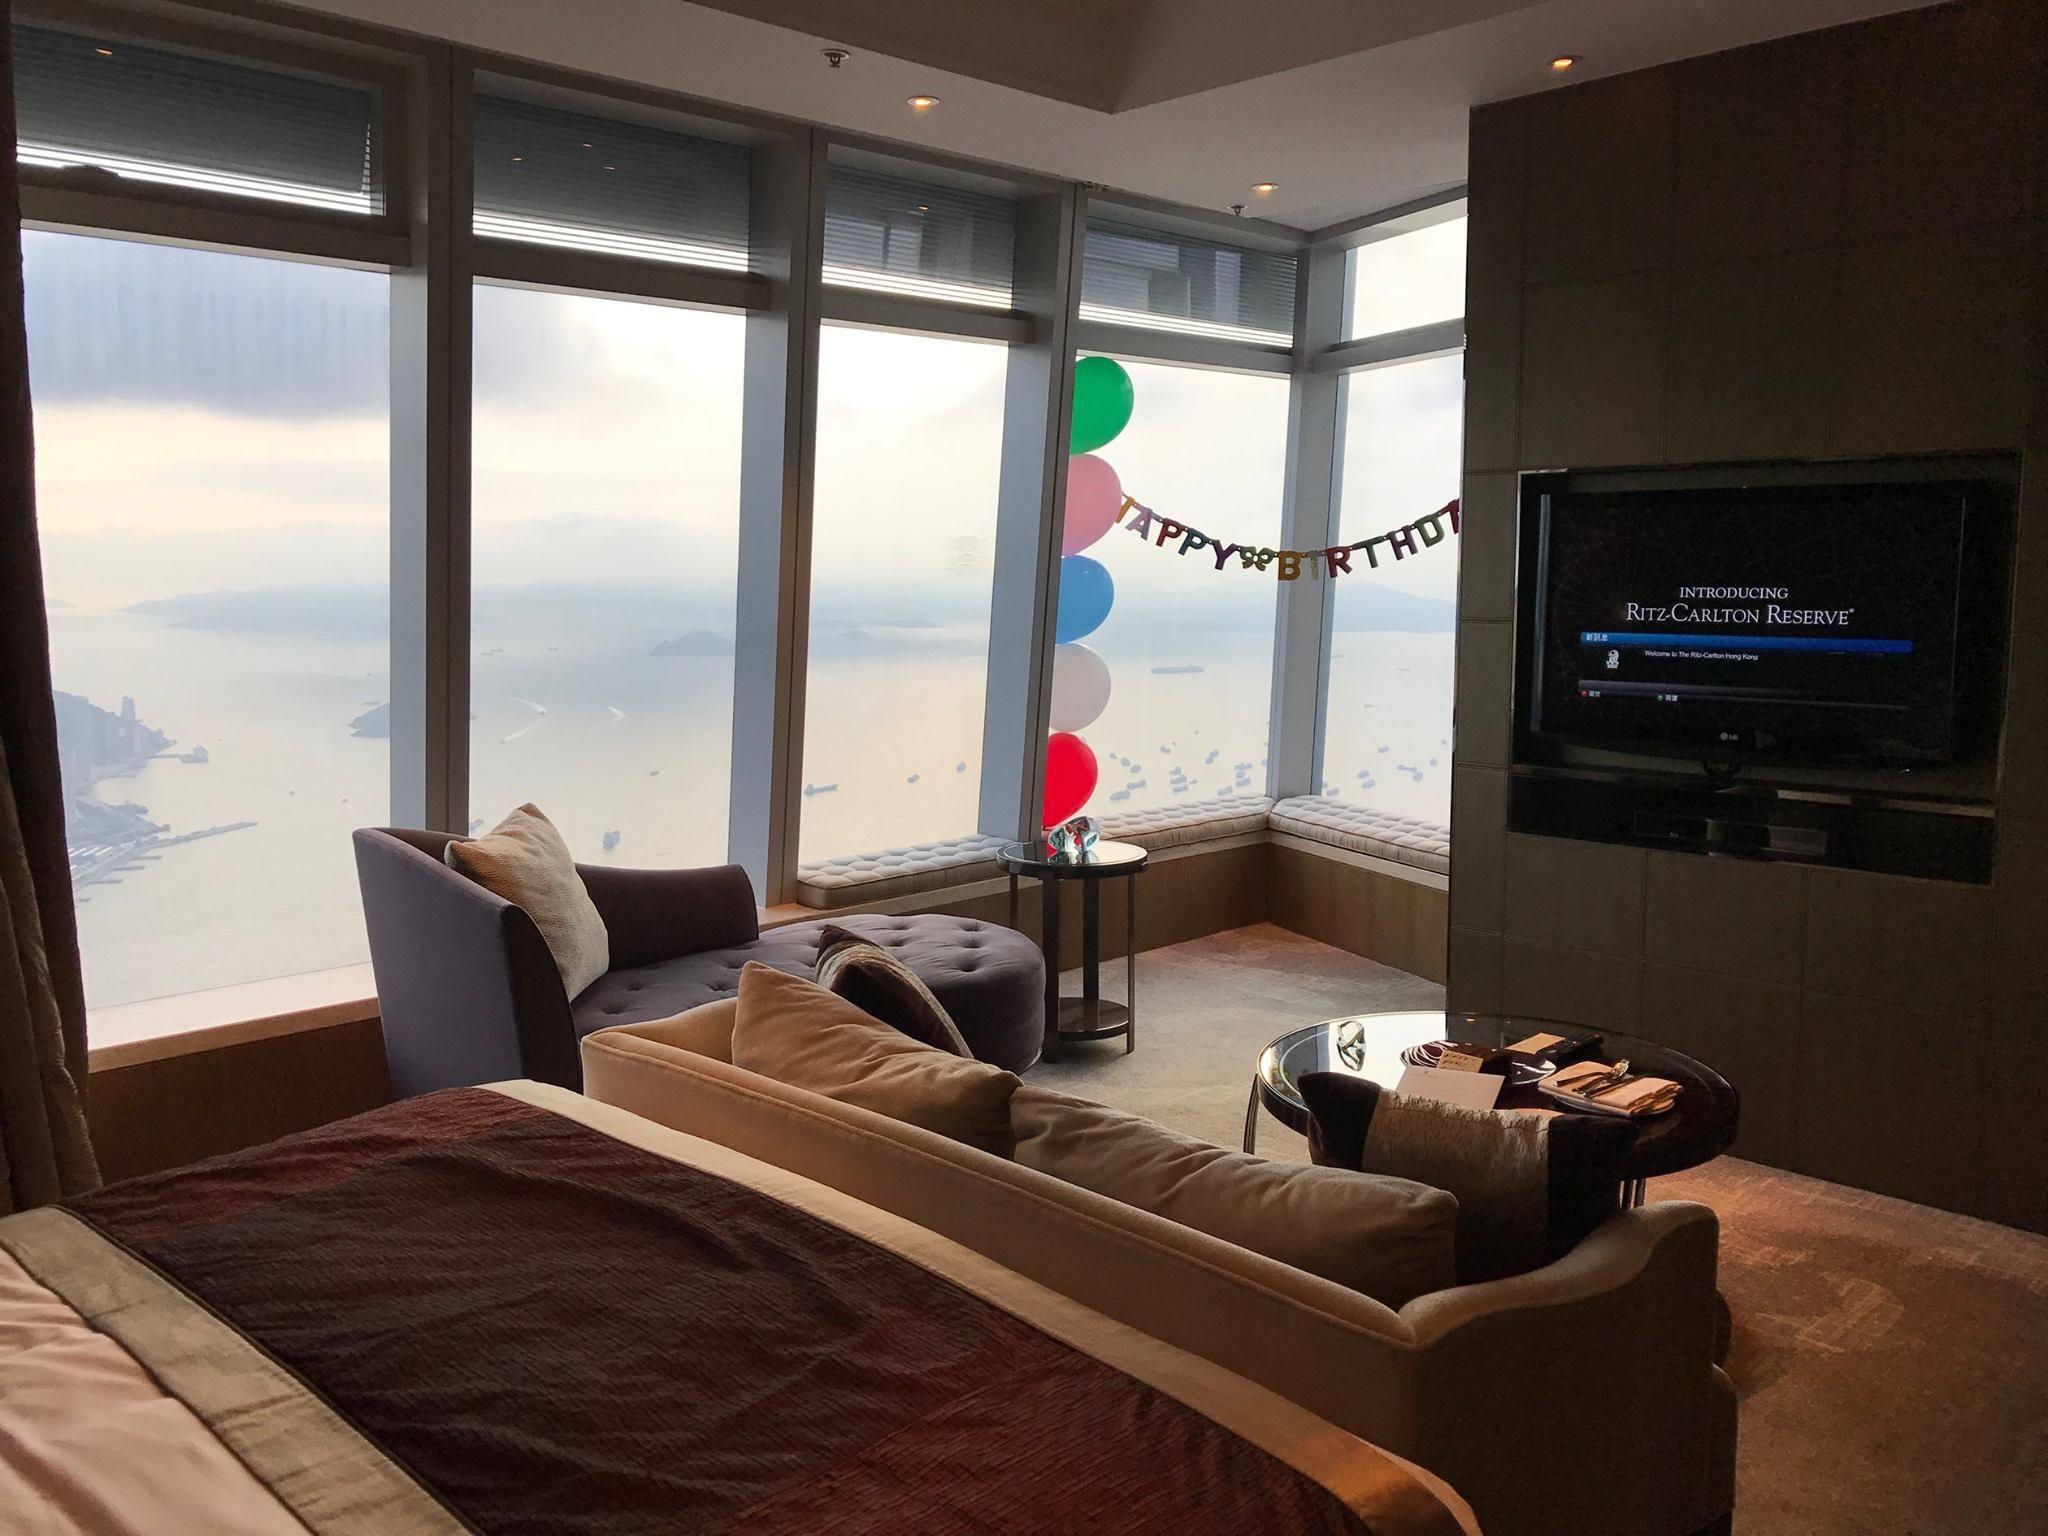 The Ritz Carlton Hong Kong 香港麗思卡爾頓酒店 入住報告